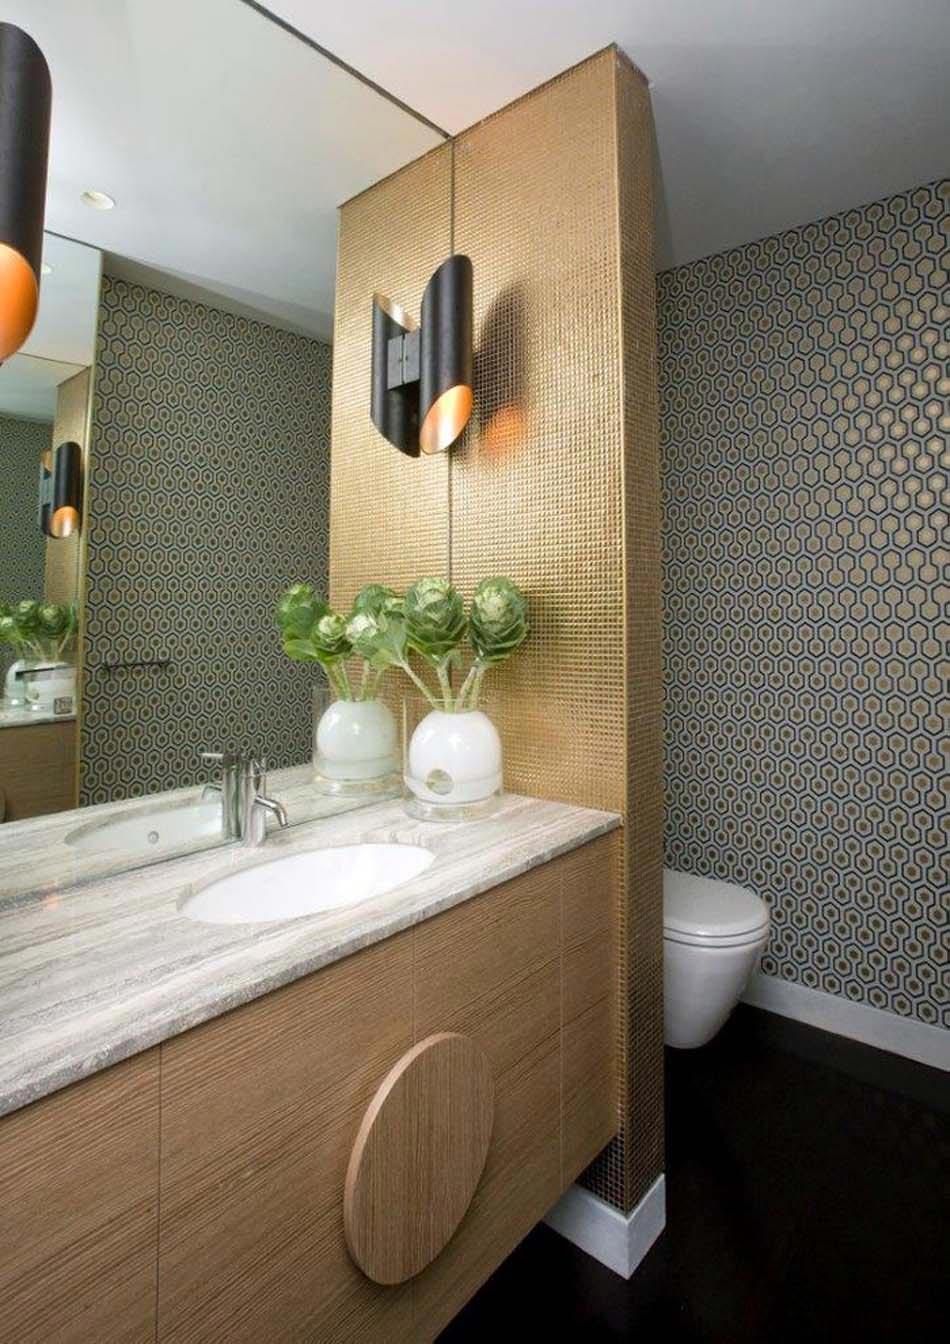 id es de d coration inspirantes pour rendre nos toilettes surprenantes design feria. Black Bedroom Furniture Sets. Home Design Ideas